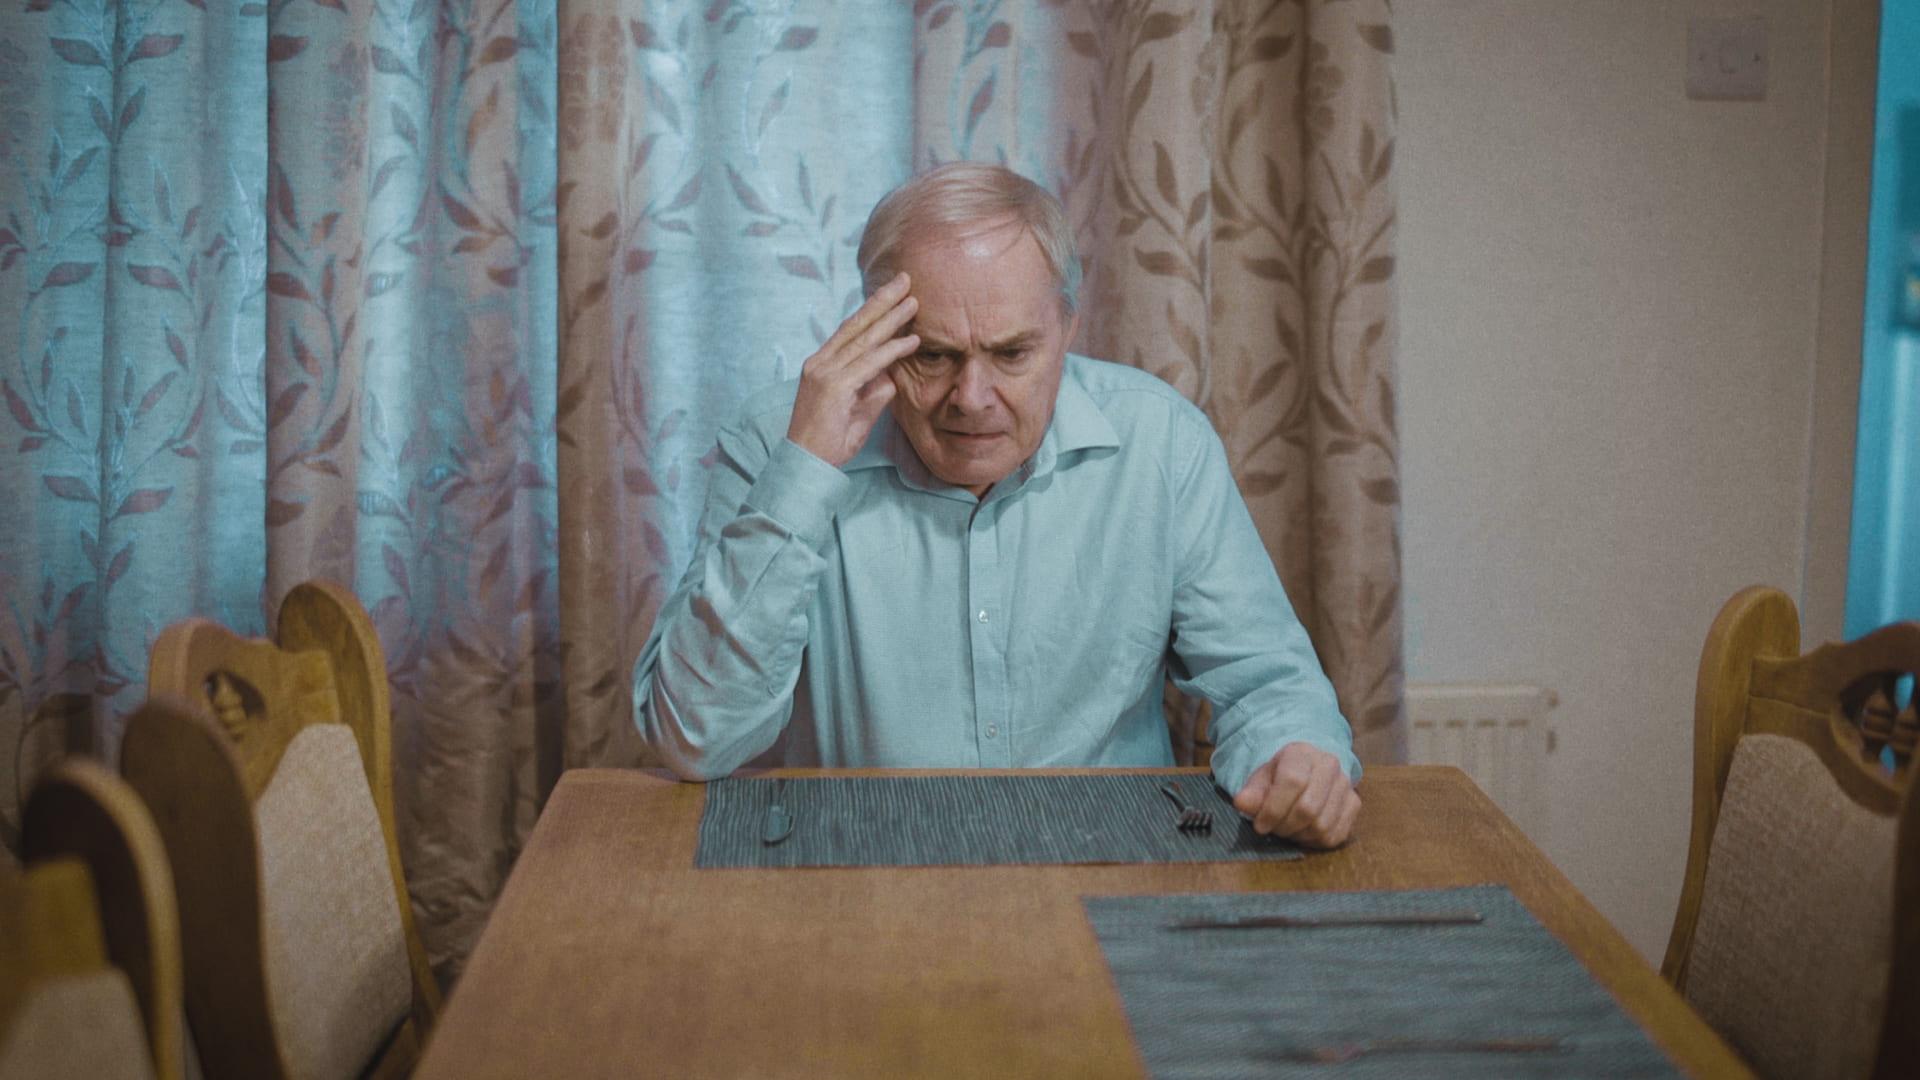 Man, upset, sat at kitchen table.